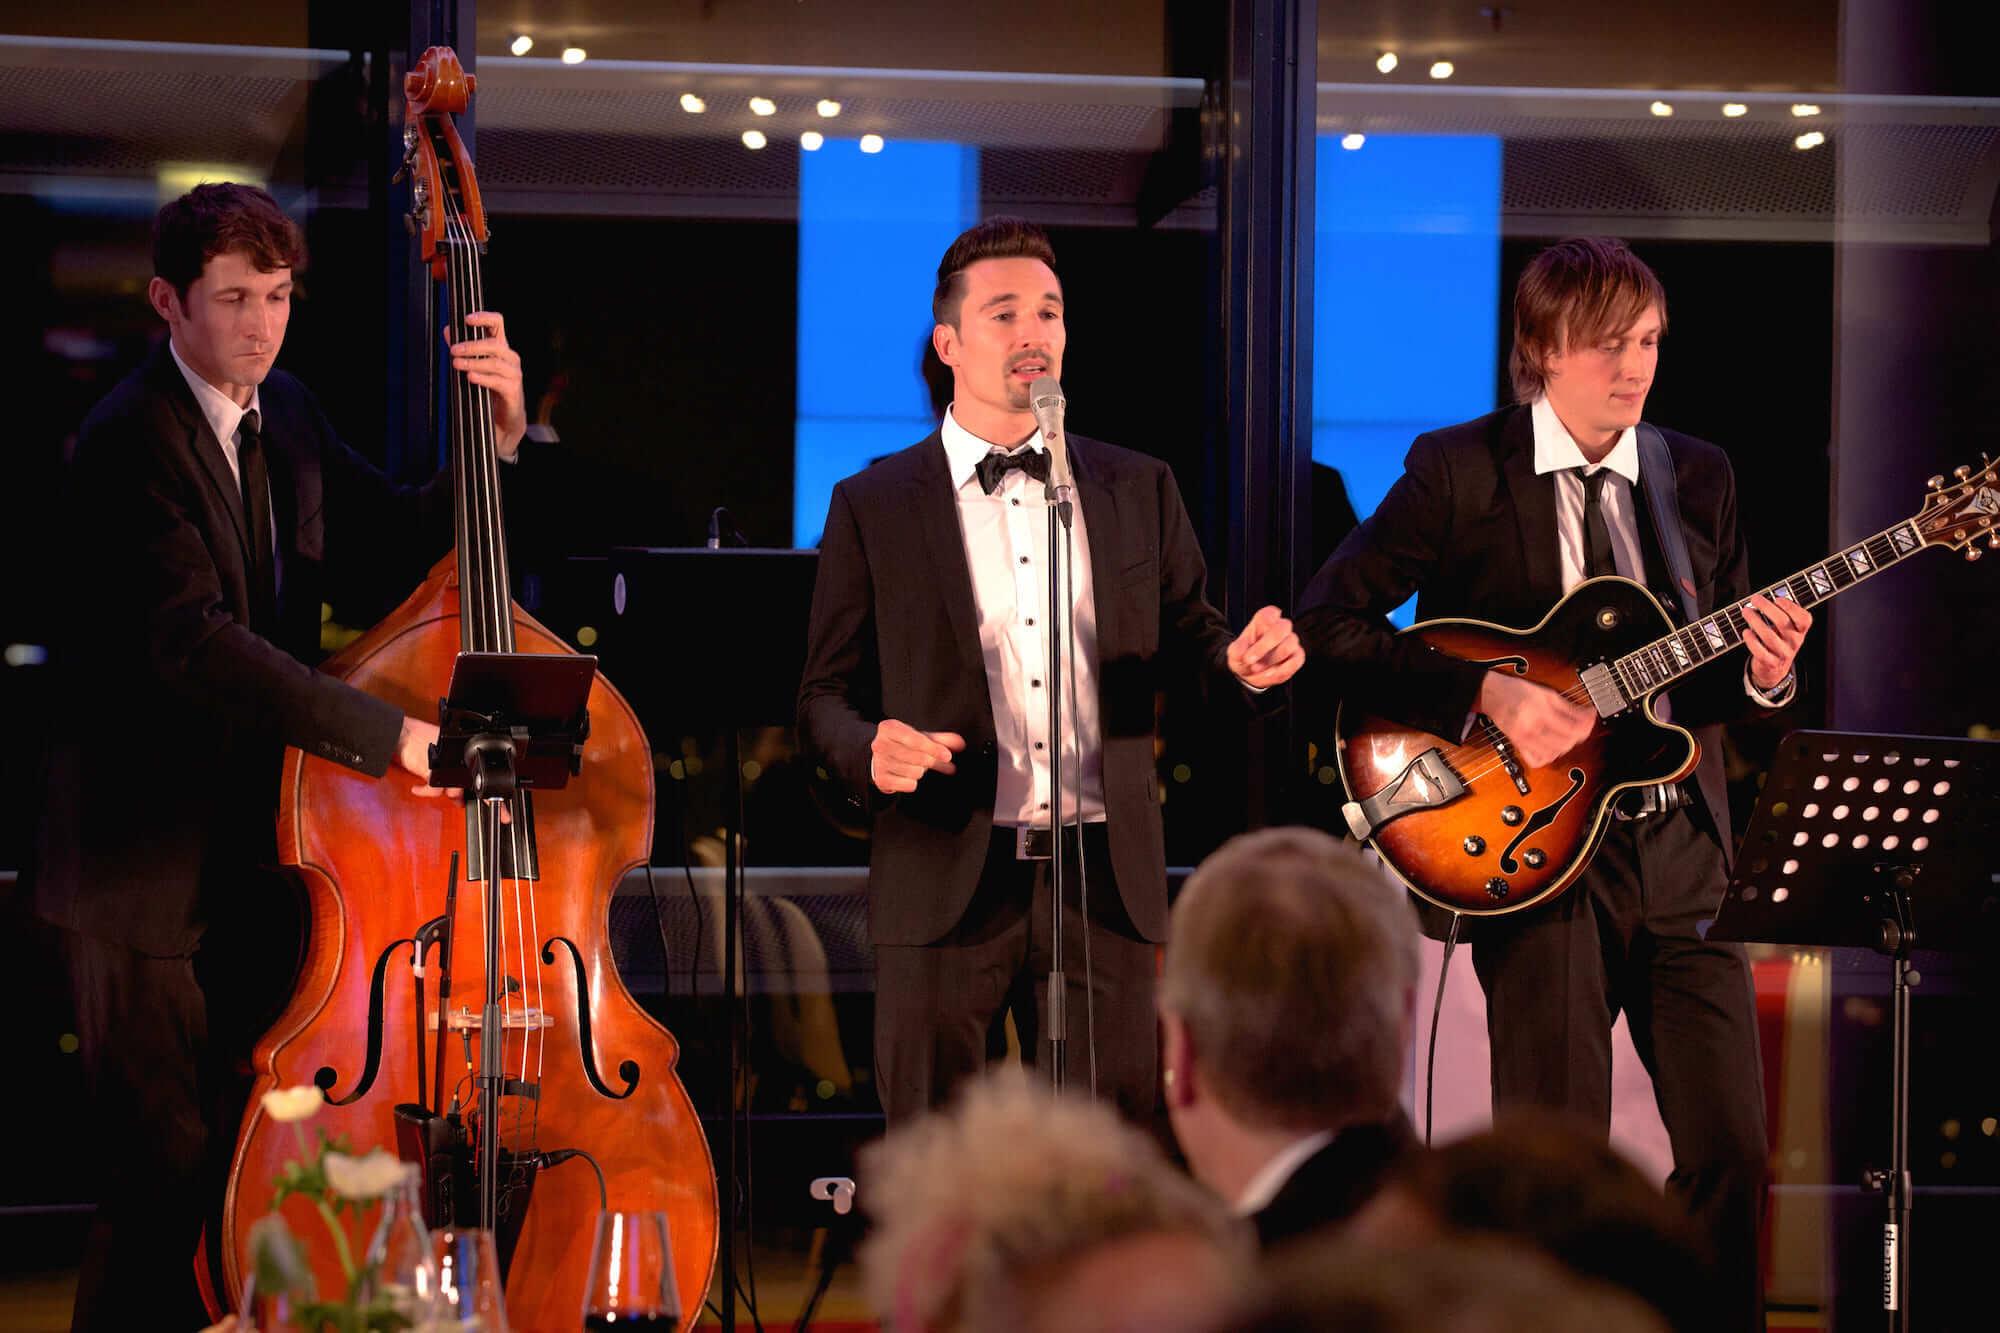 Jazzband für Ihre Weihnachtsfeier